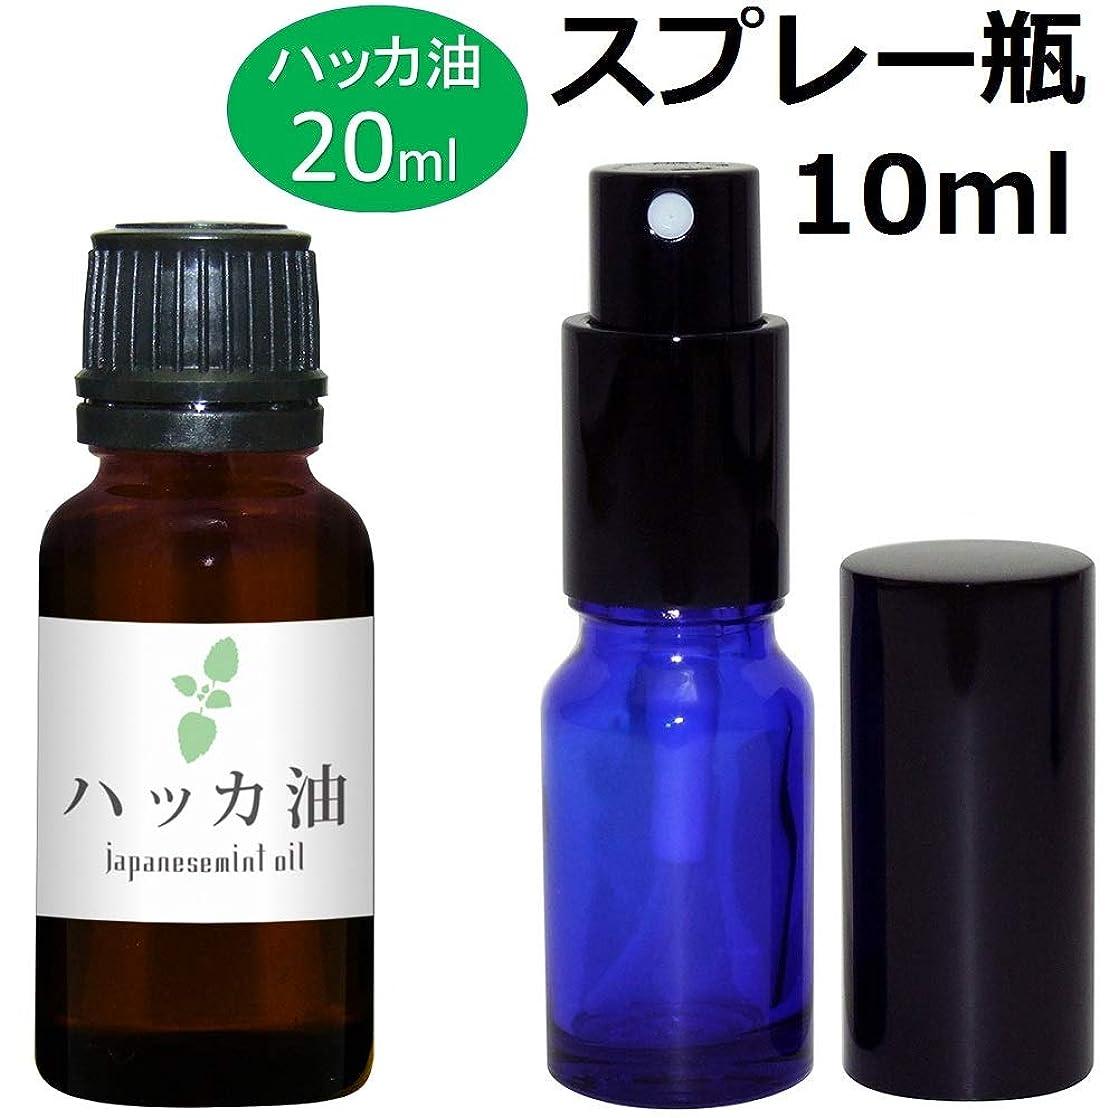 キャンプにぎやか学校ガレージ?ゼロ ハッカ油 20ml(GZAK12)+ガラス瓶 スプレーボトル10ml/和種薄荷/ジャパニーズミント GSE533